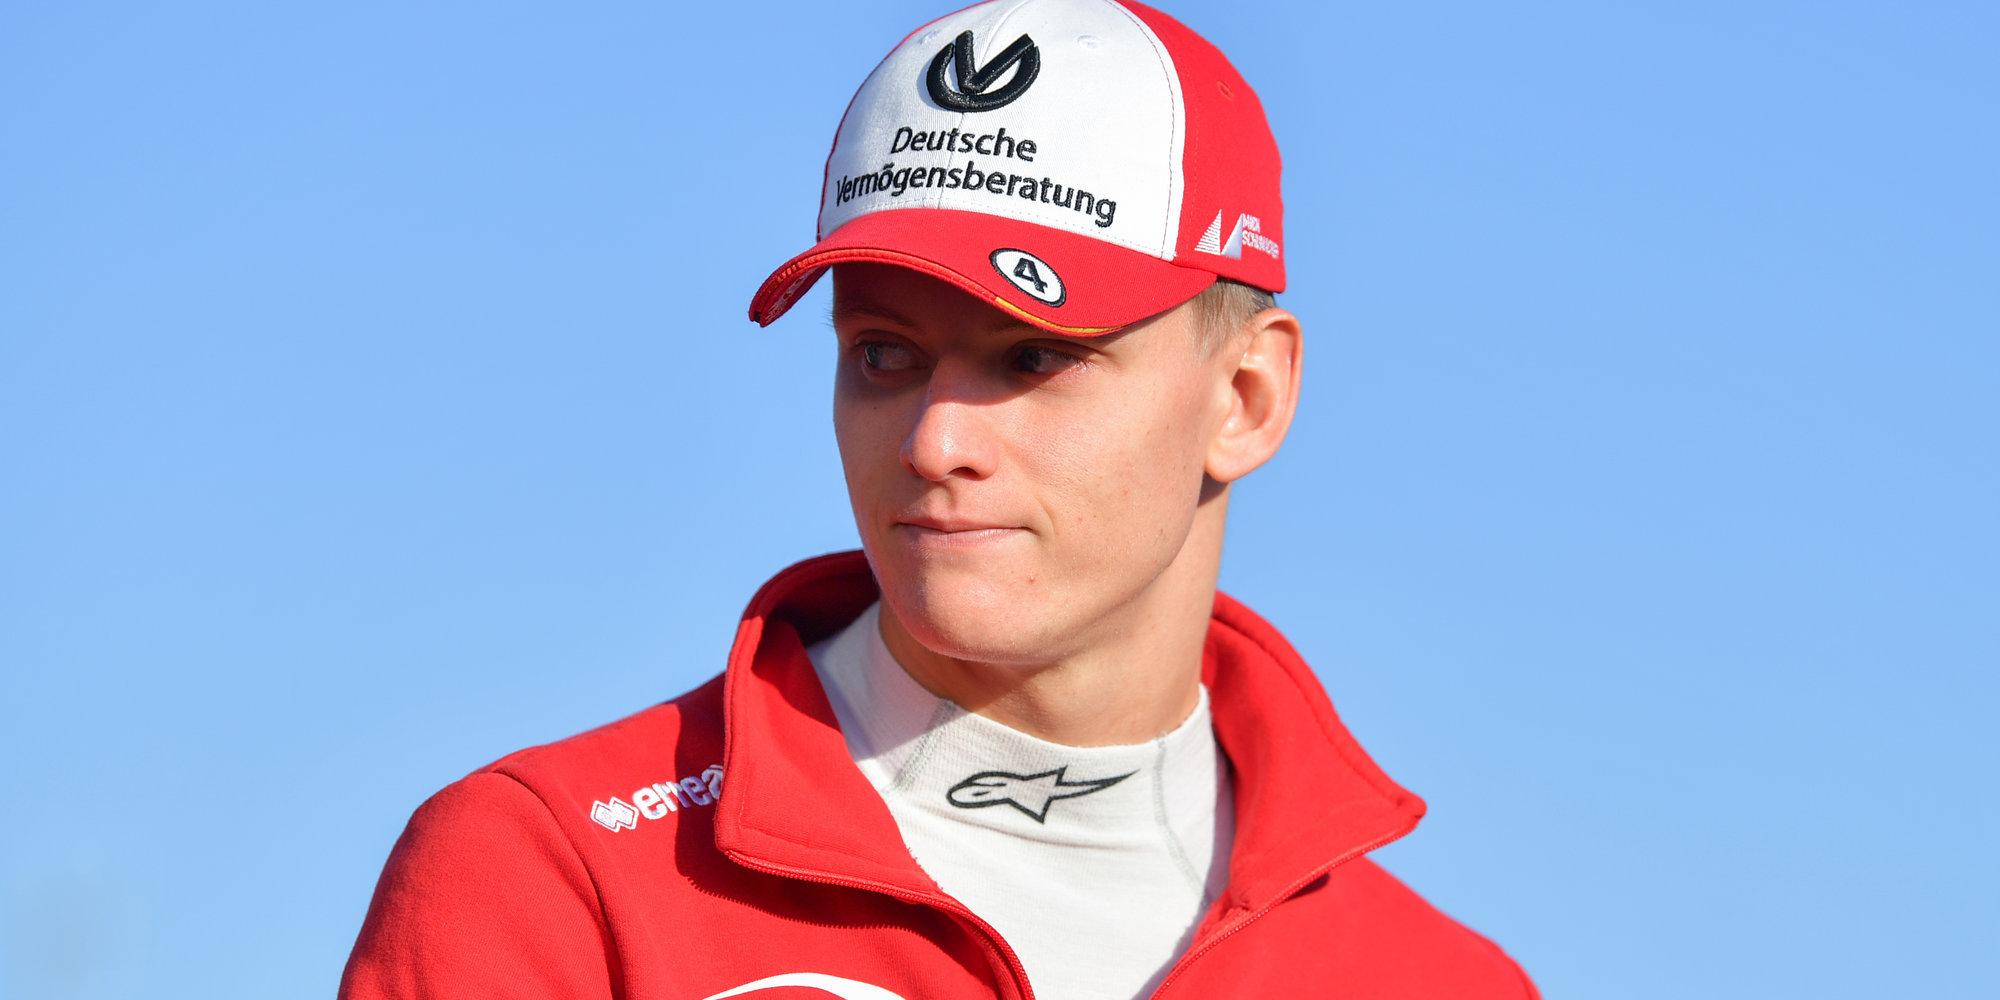 Шумахер стал лучшим в первой гонке в Сочи, Мазепин — 7-й